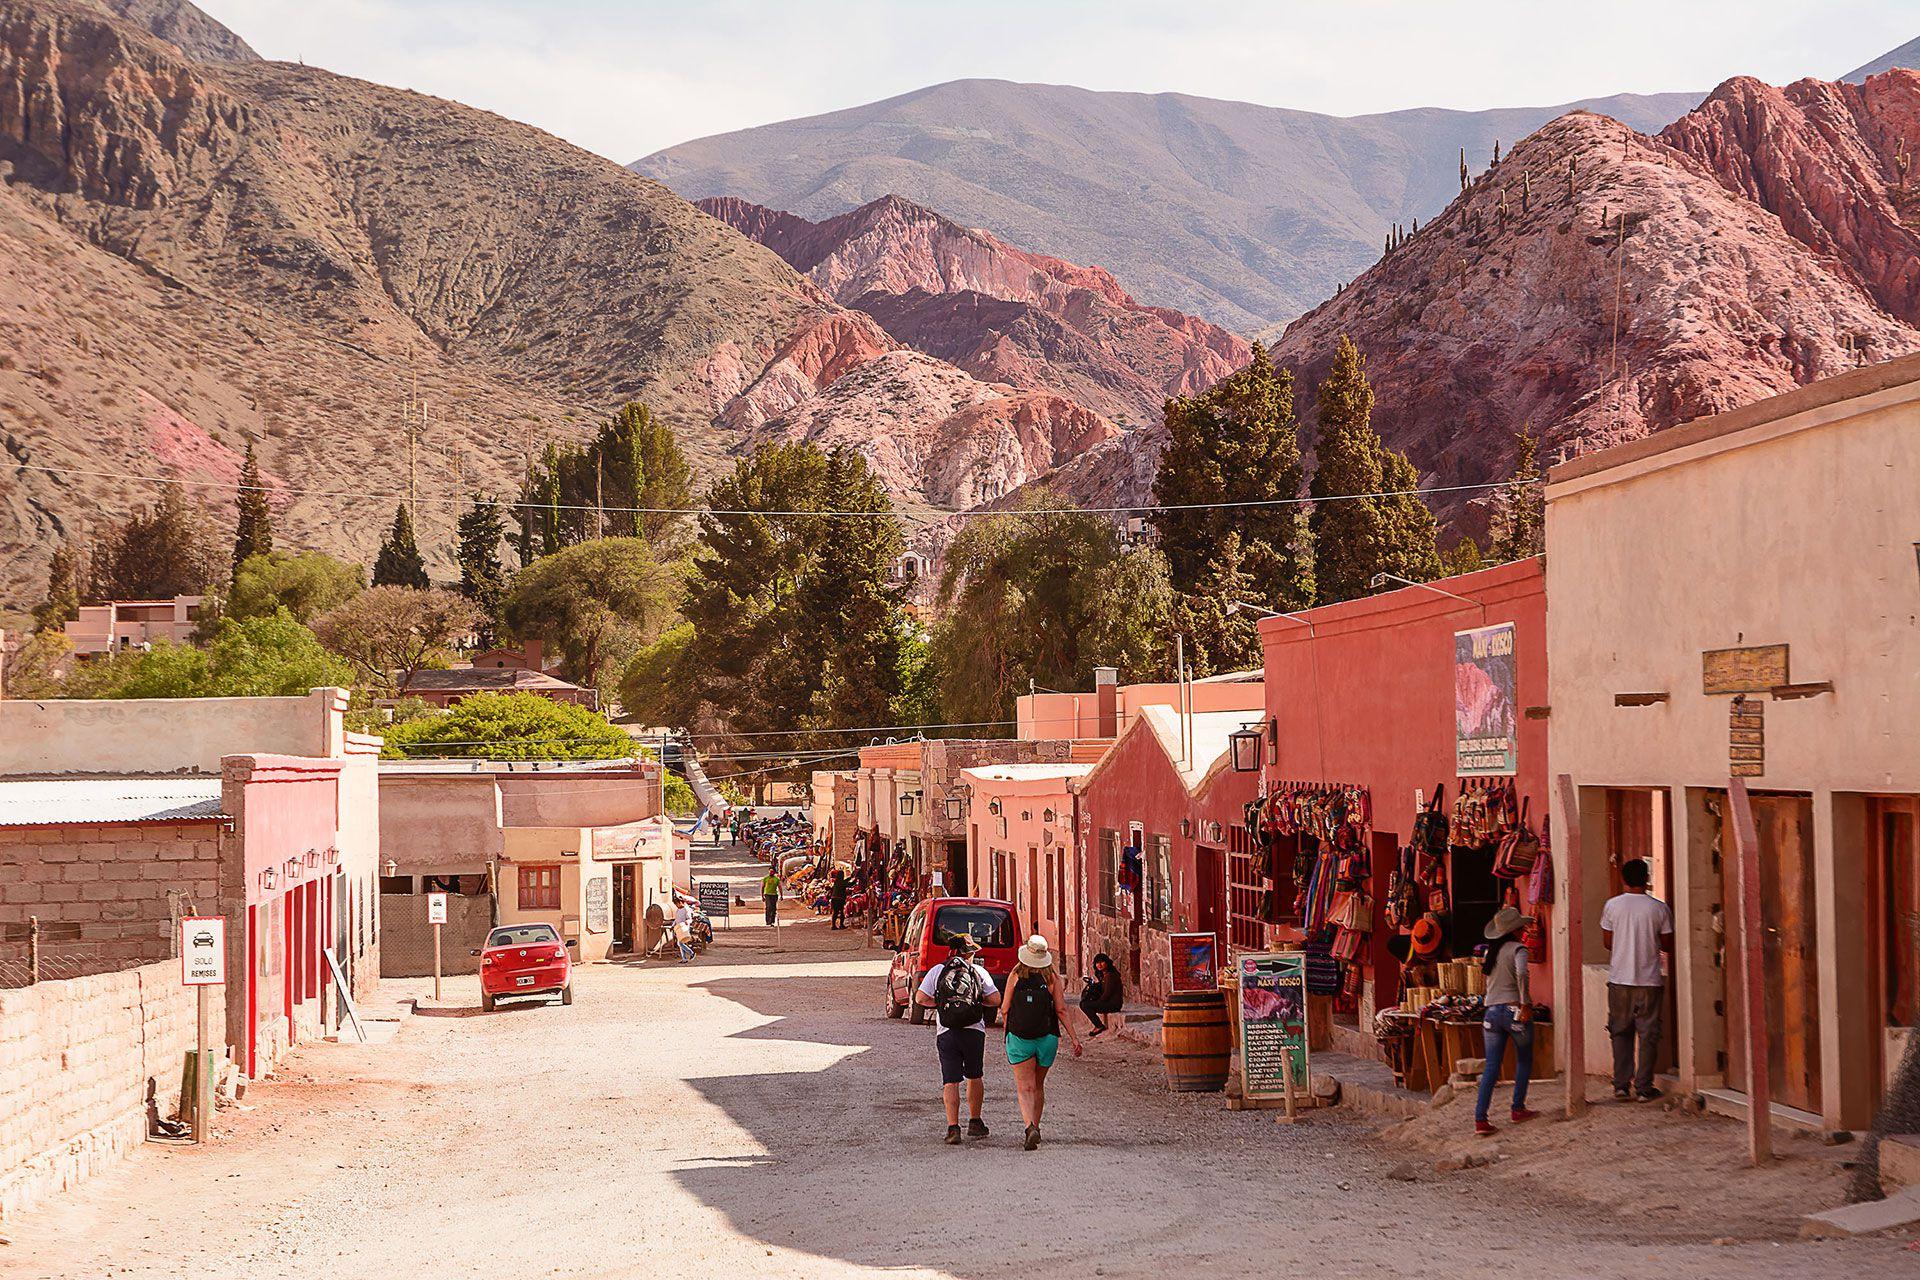 La lista de las pequeñas localidades donde el tiempo parececongelarse pero que están cargadas de historia, cultura y tradición (Shutterstock)